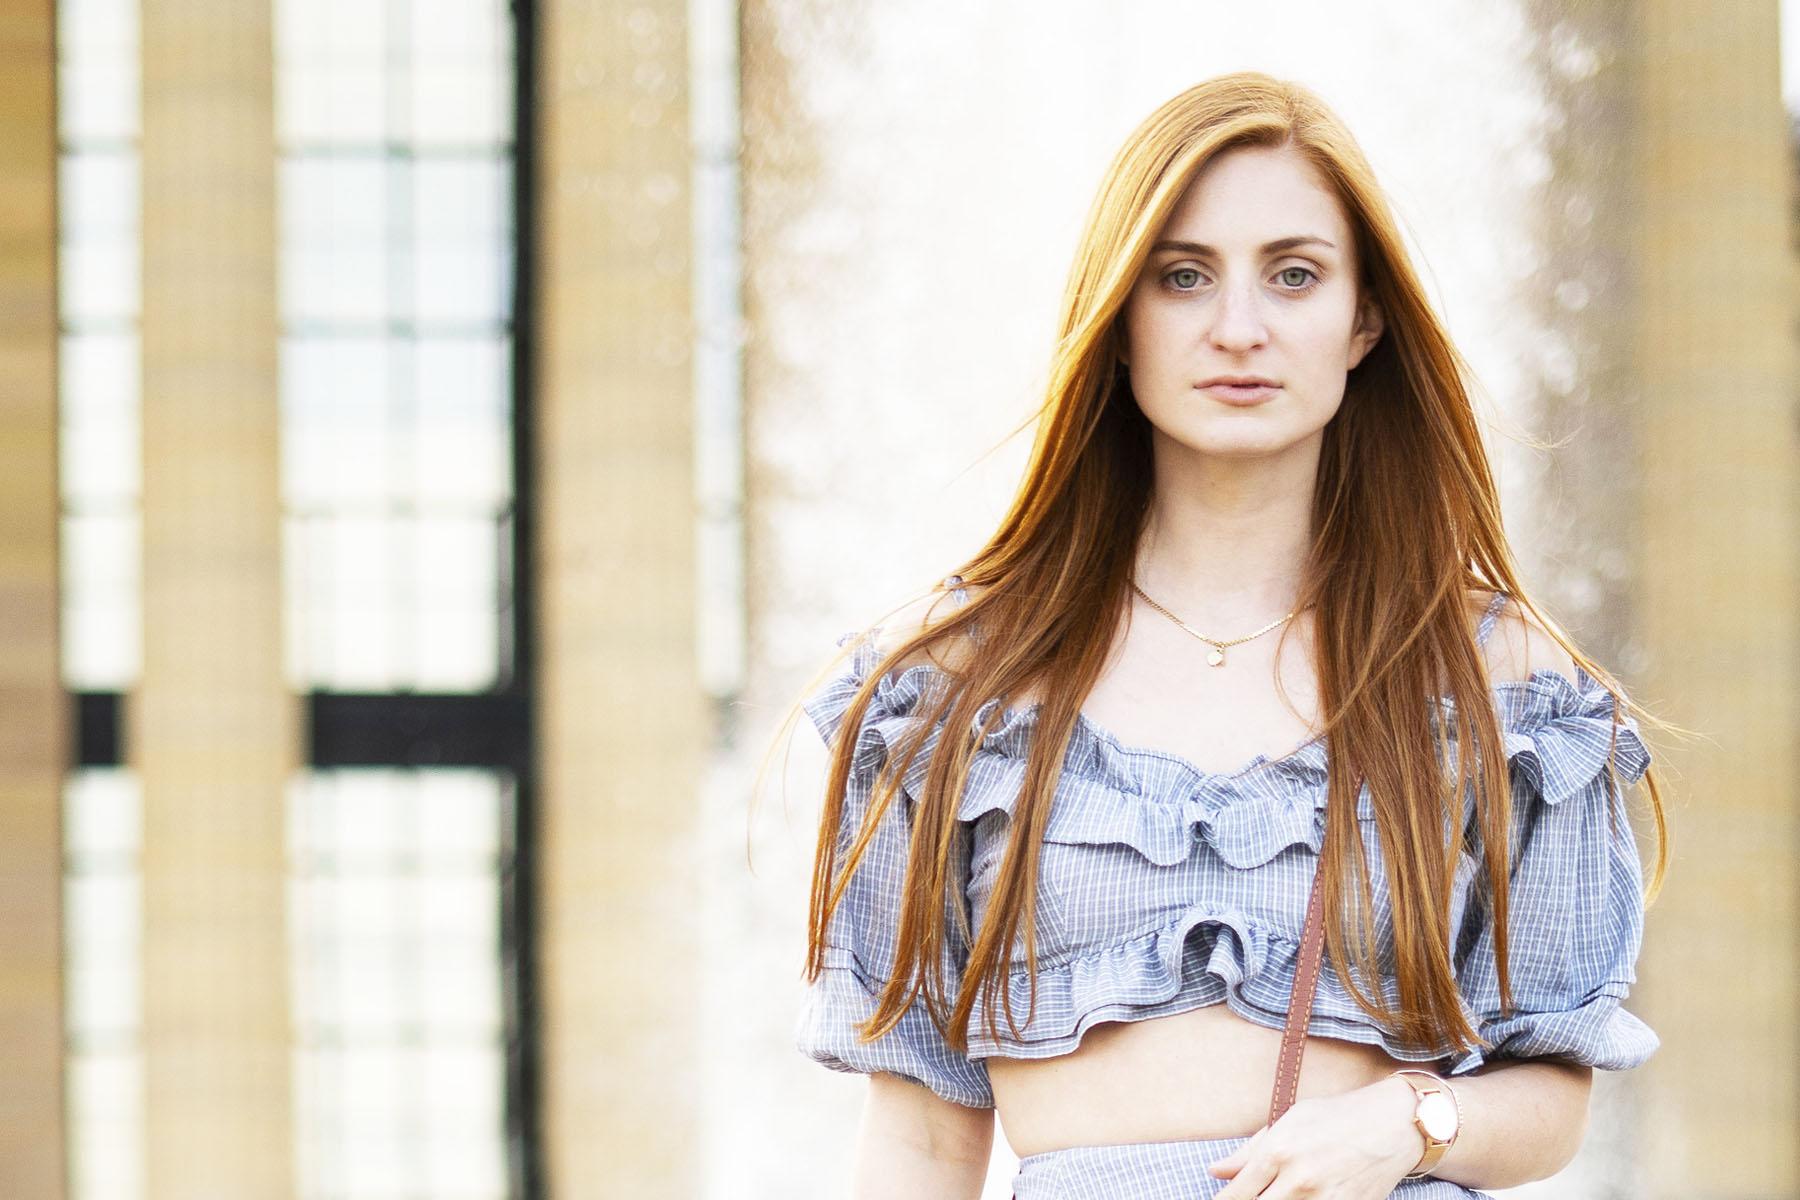 Ruffles,Erin Leigh of She's Red Haute redhead wearing blue ruffles Nasty Gal top